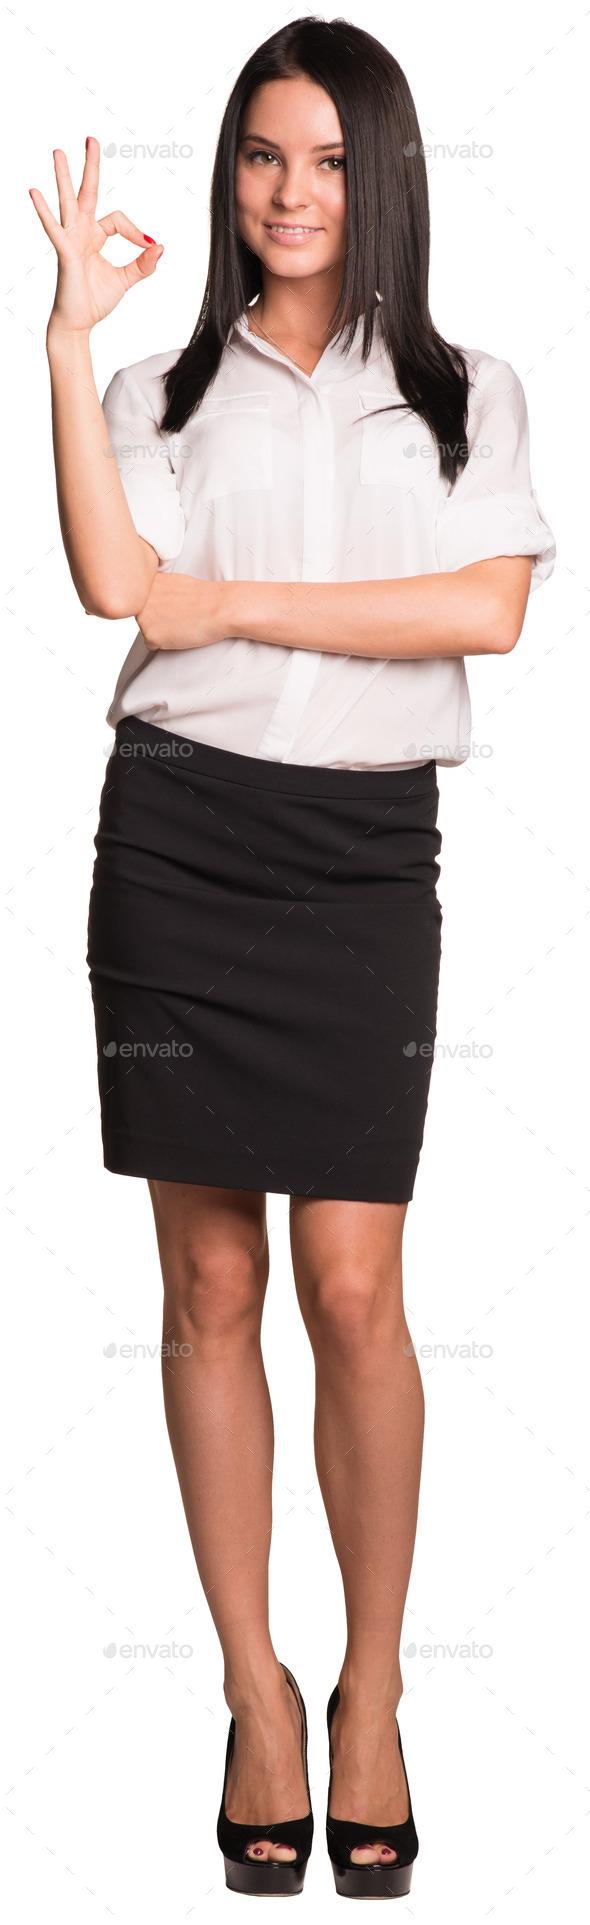 Фотки девушек в юбки и блузке 5 фотография